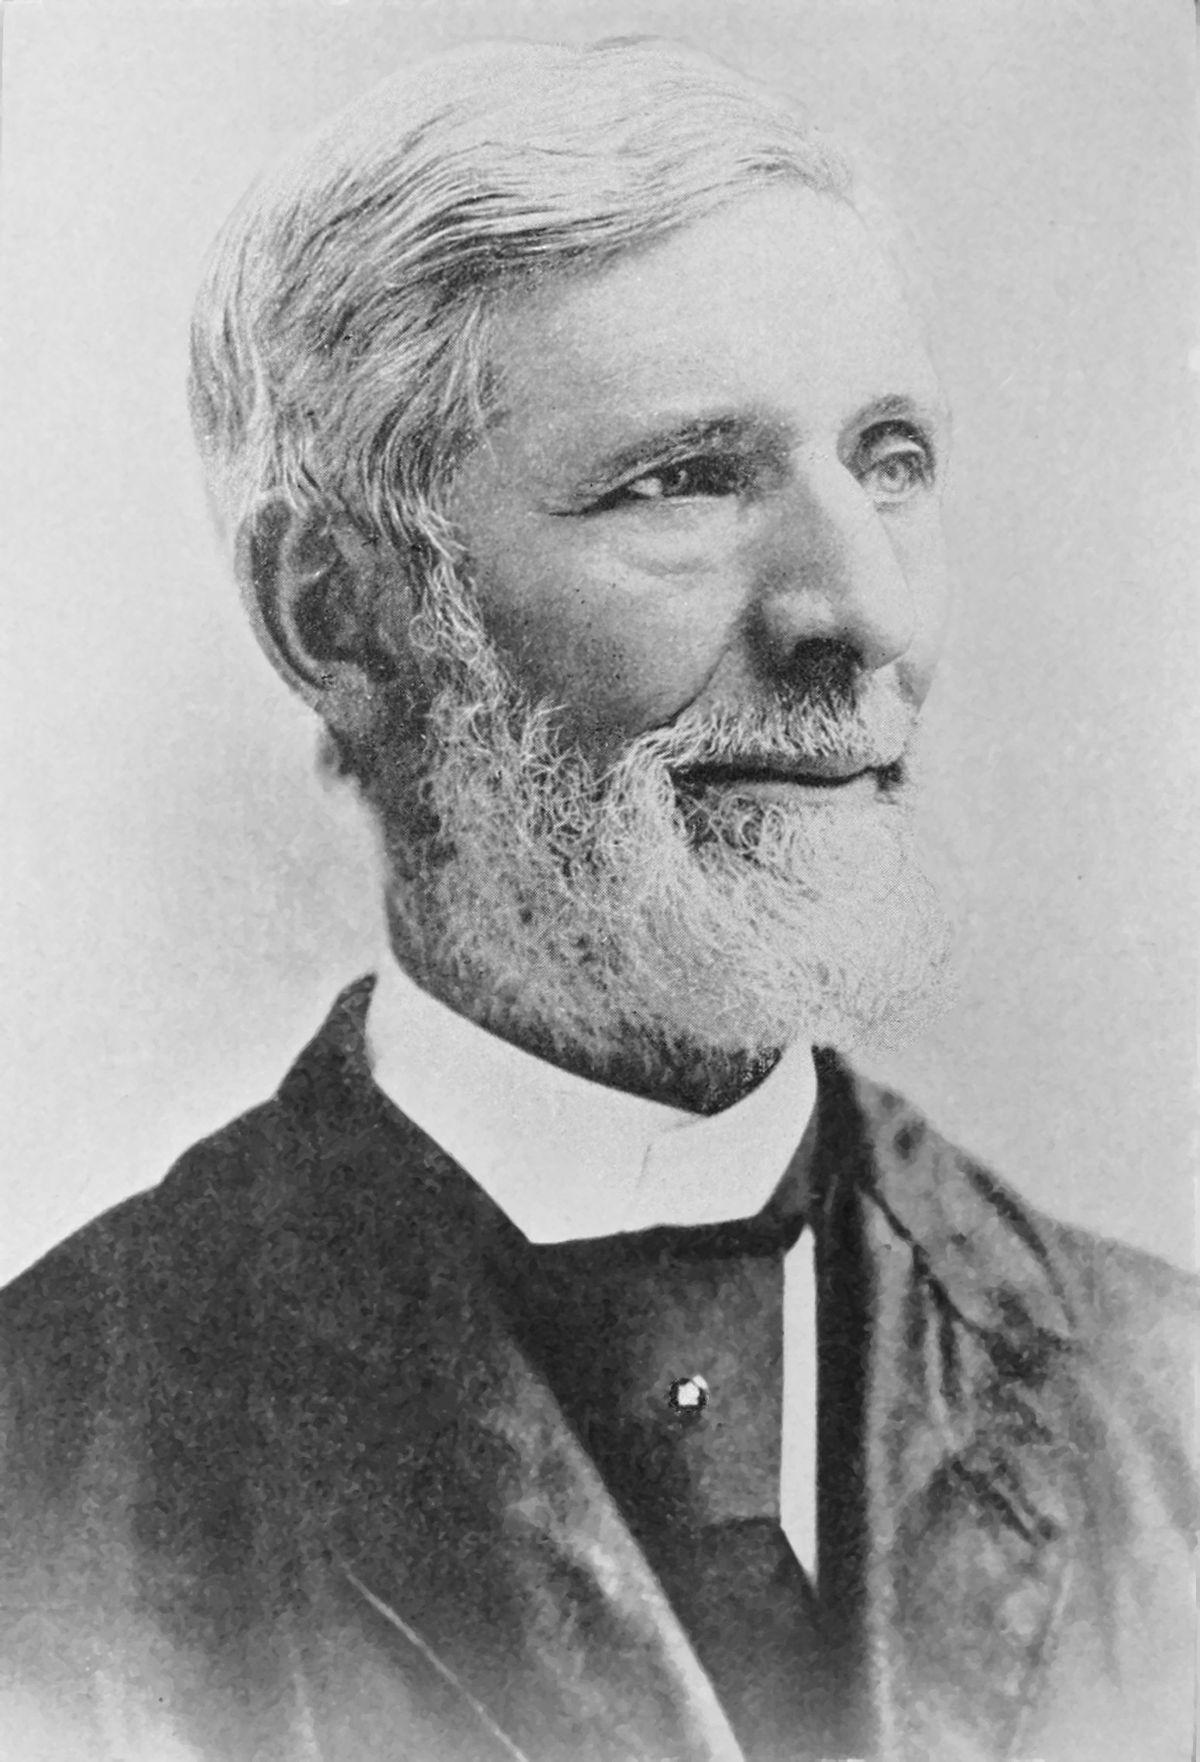 John L. Stevens